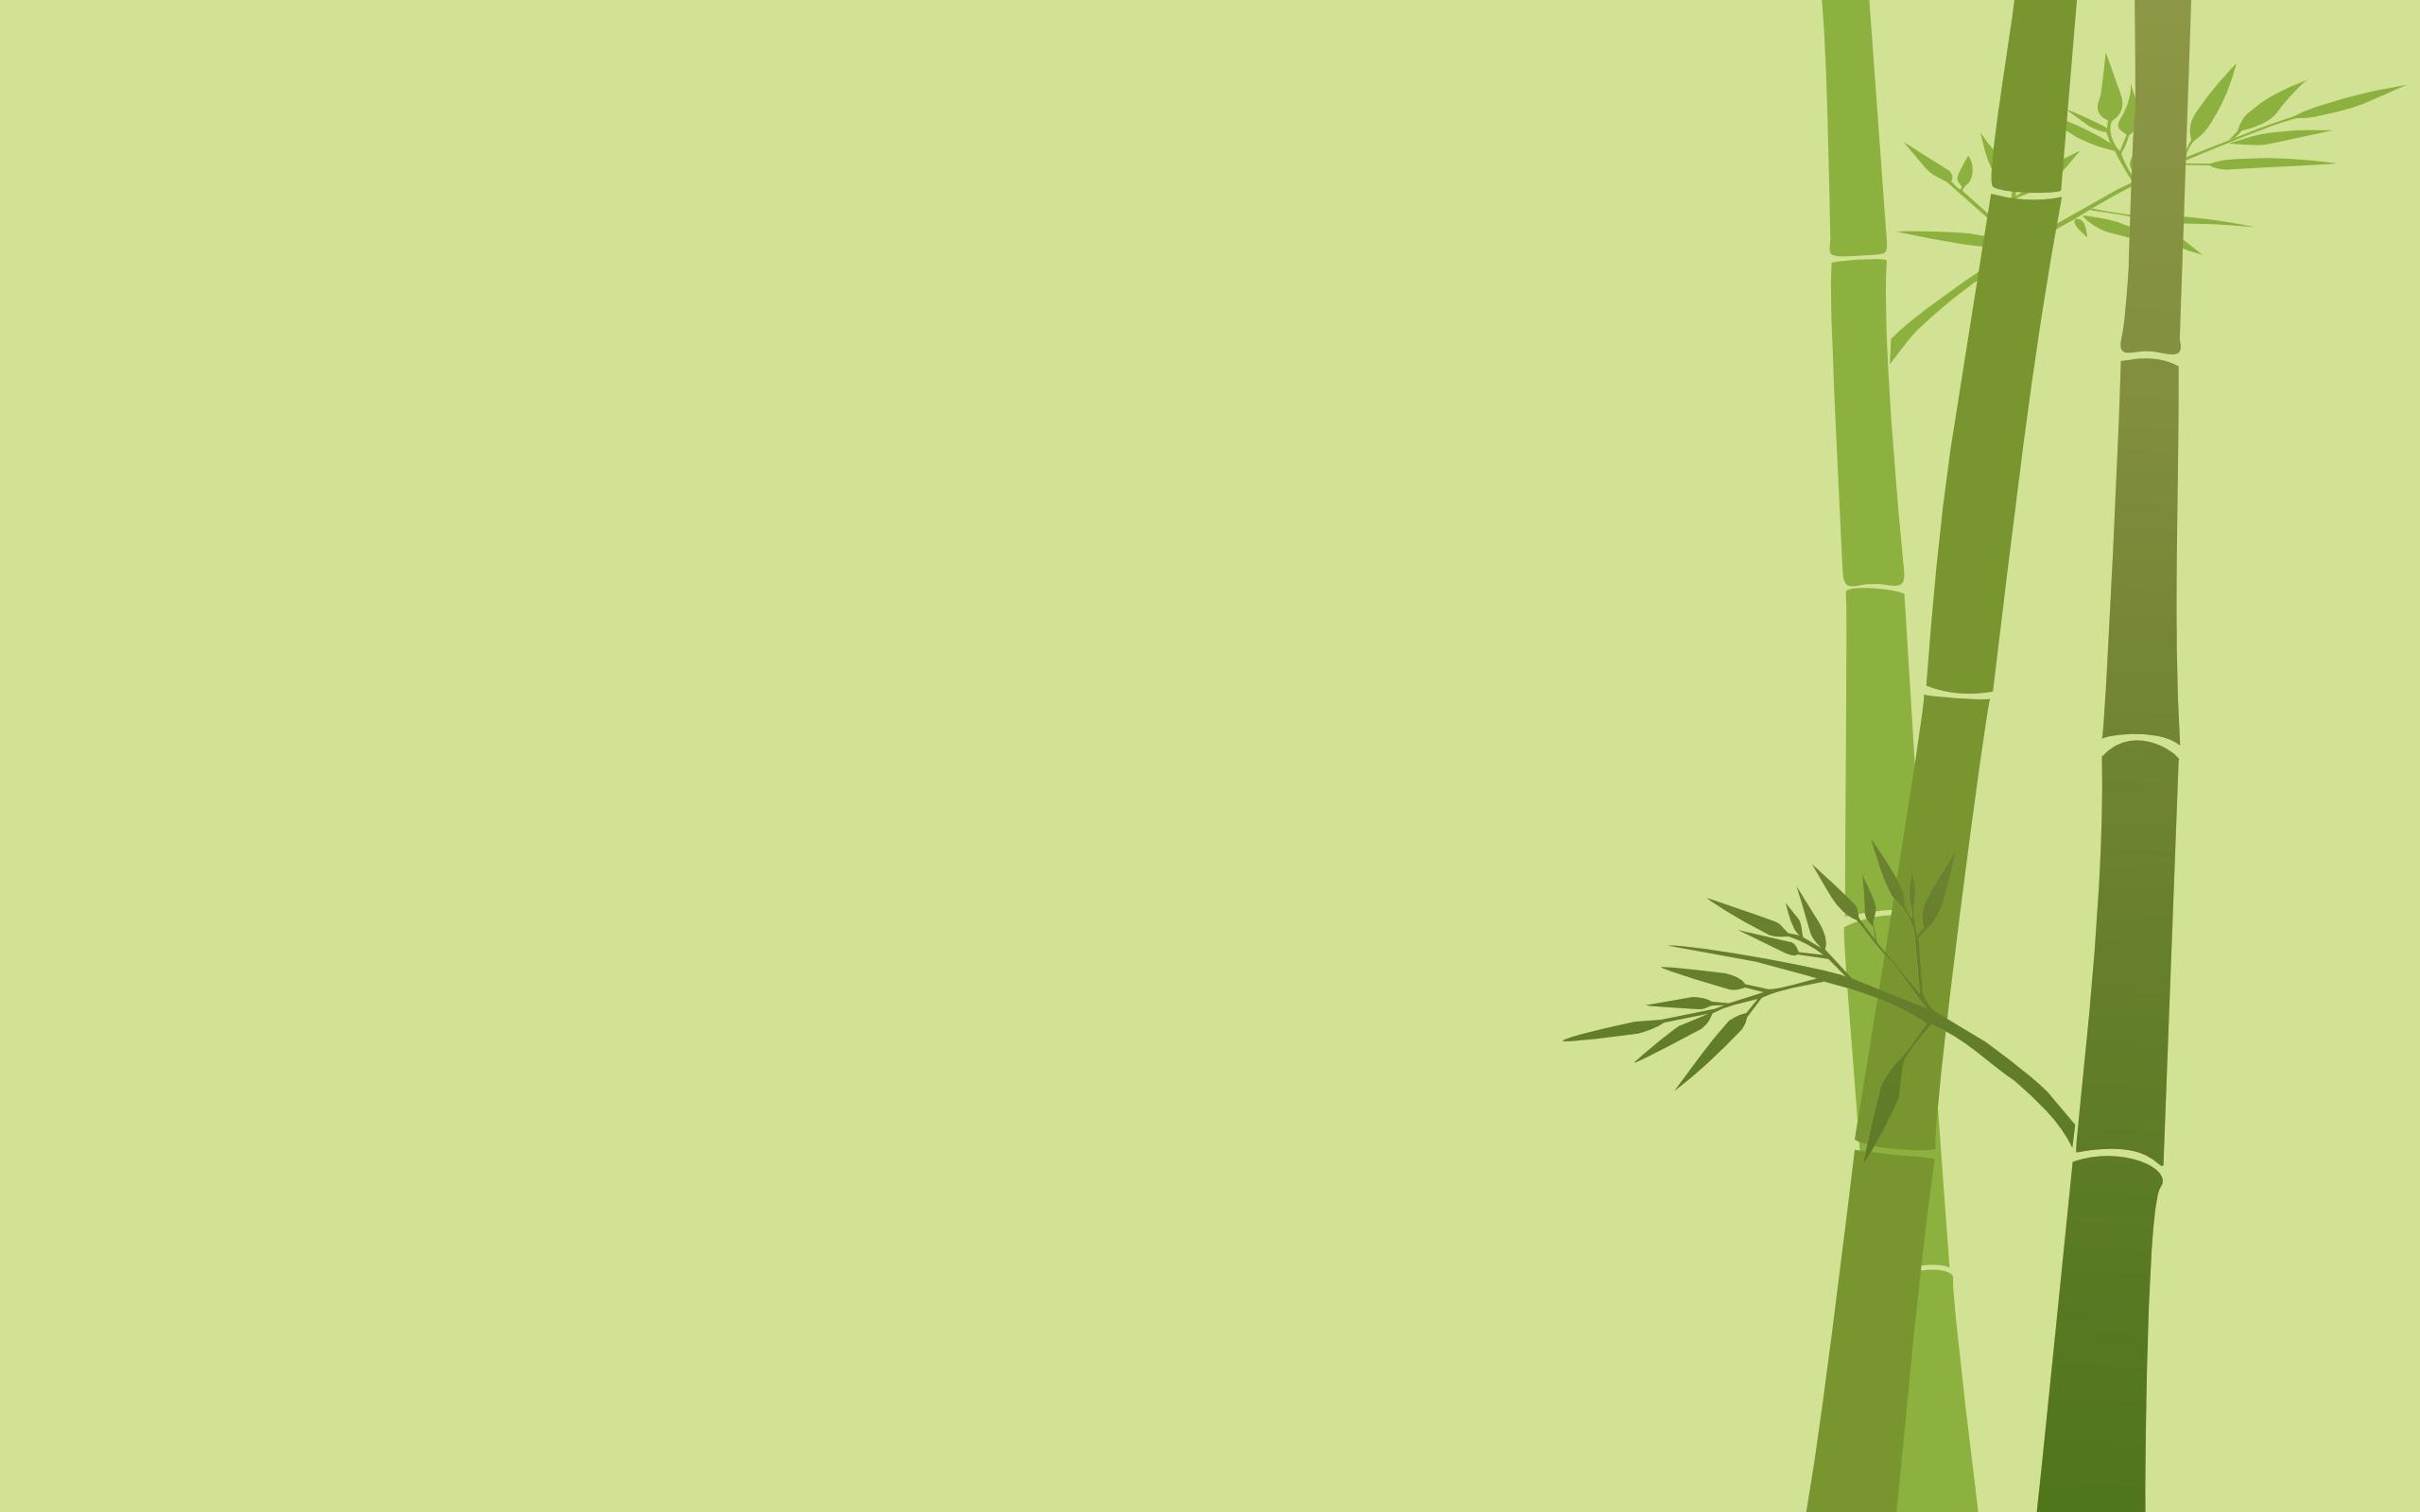 a962abdb91ab035c2faf641a7d92060c bamboo wallpaper